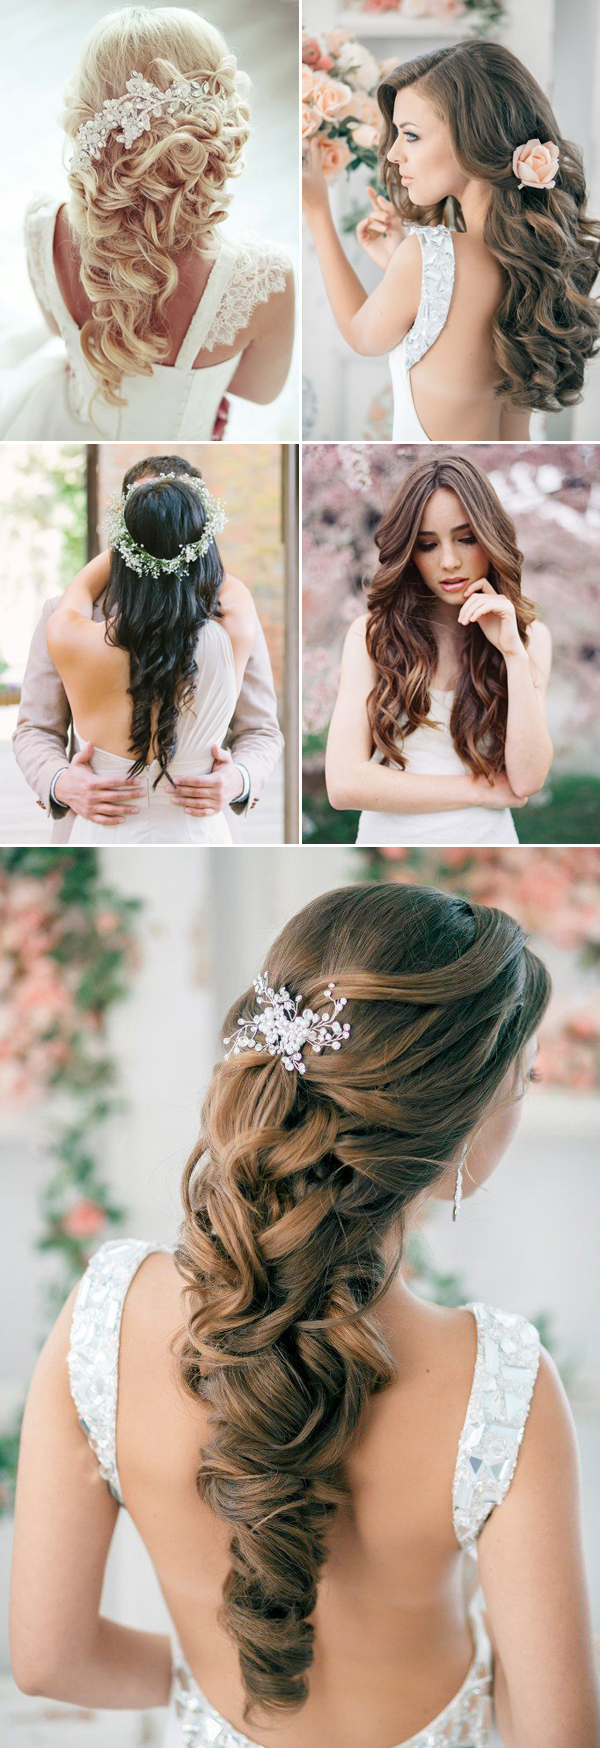 42 steal-worthy wedding hairstyles for long hair | deer